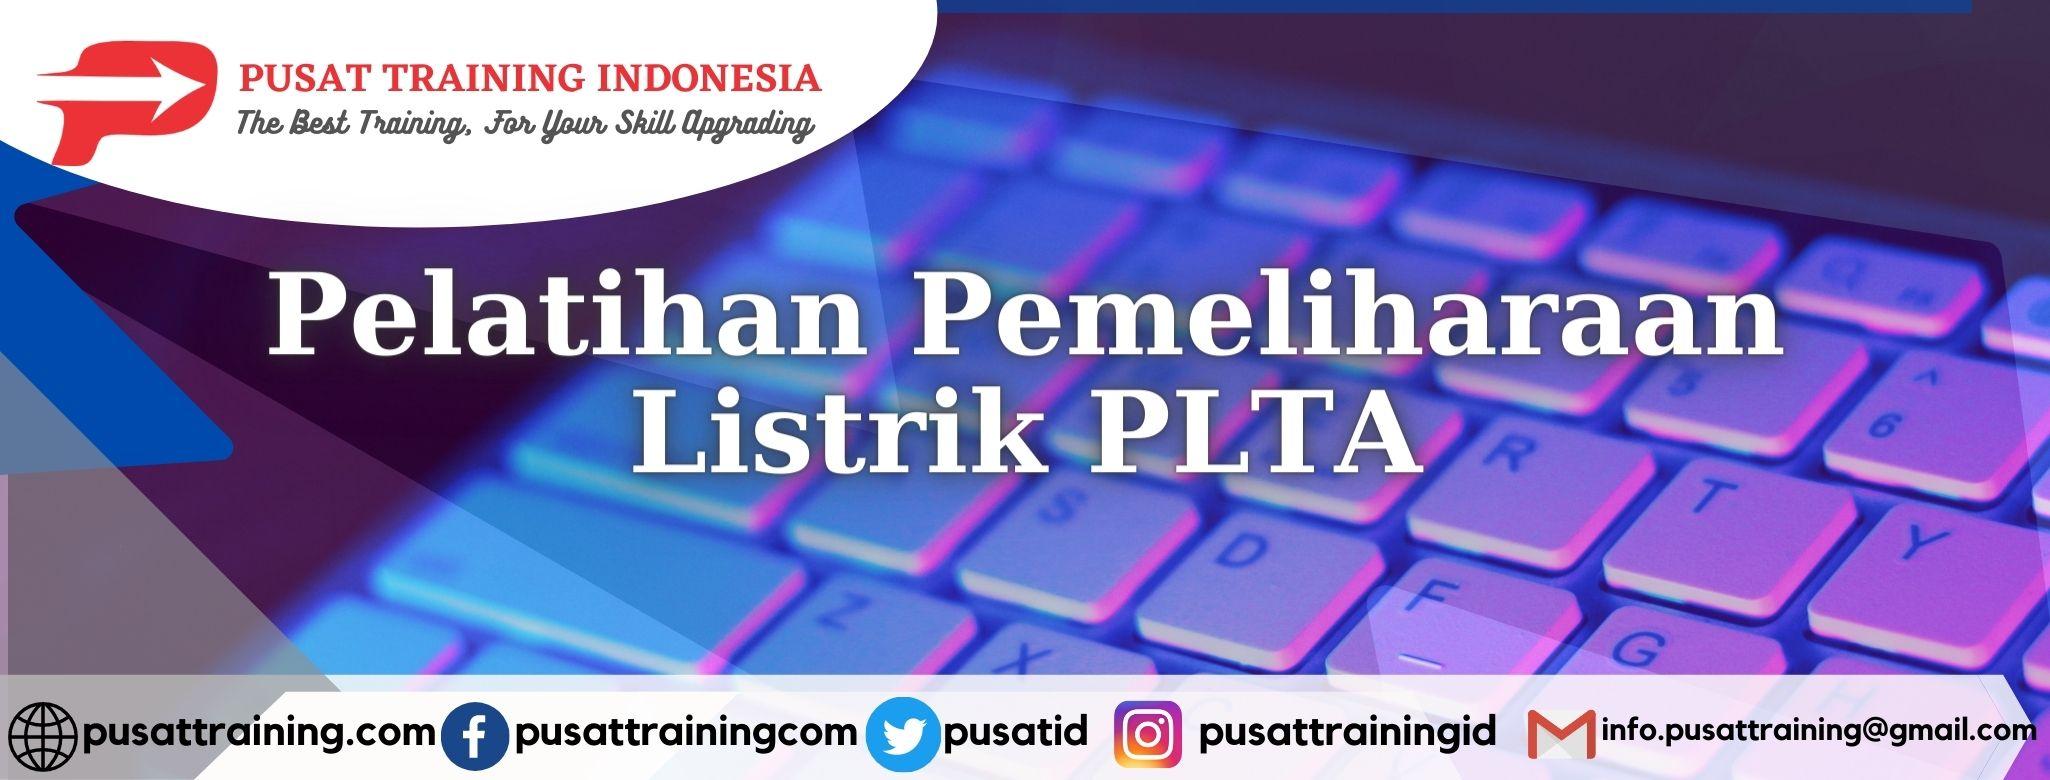 Pelatihan-Pemeliharaan-Listrik-PLTA